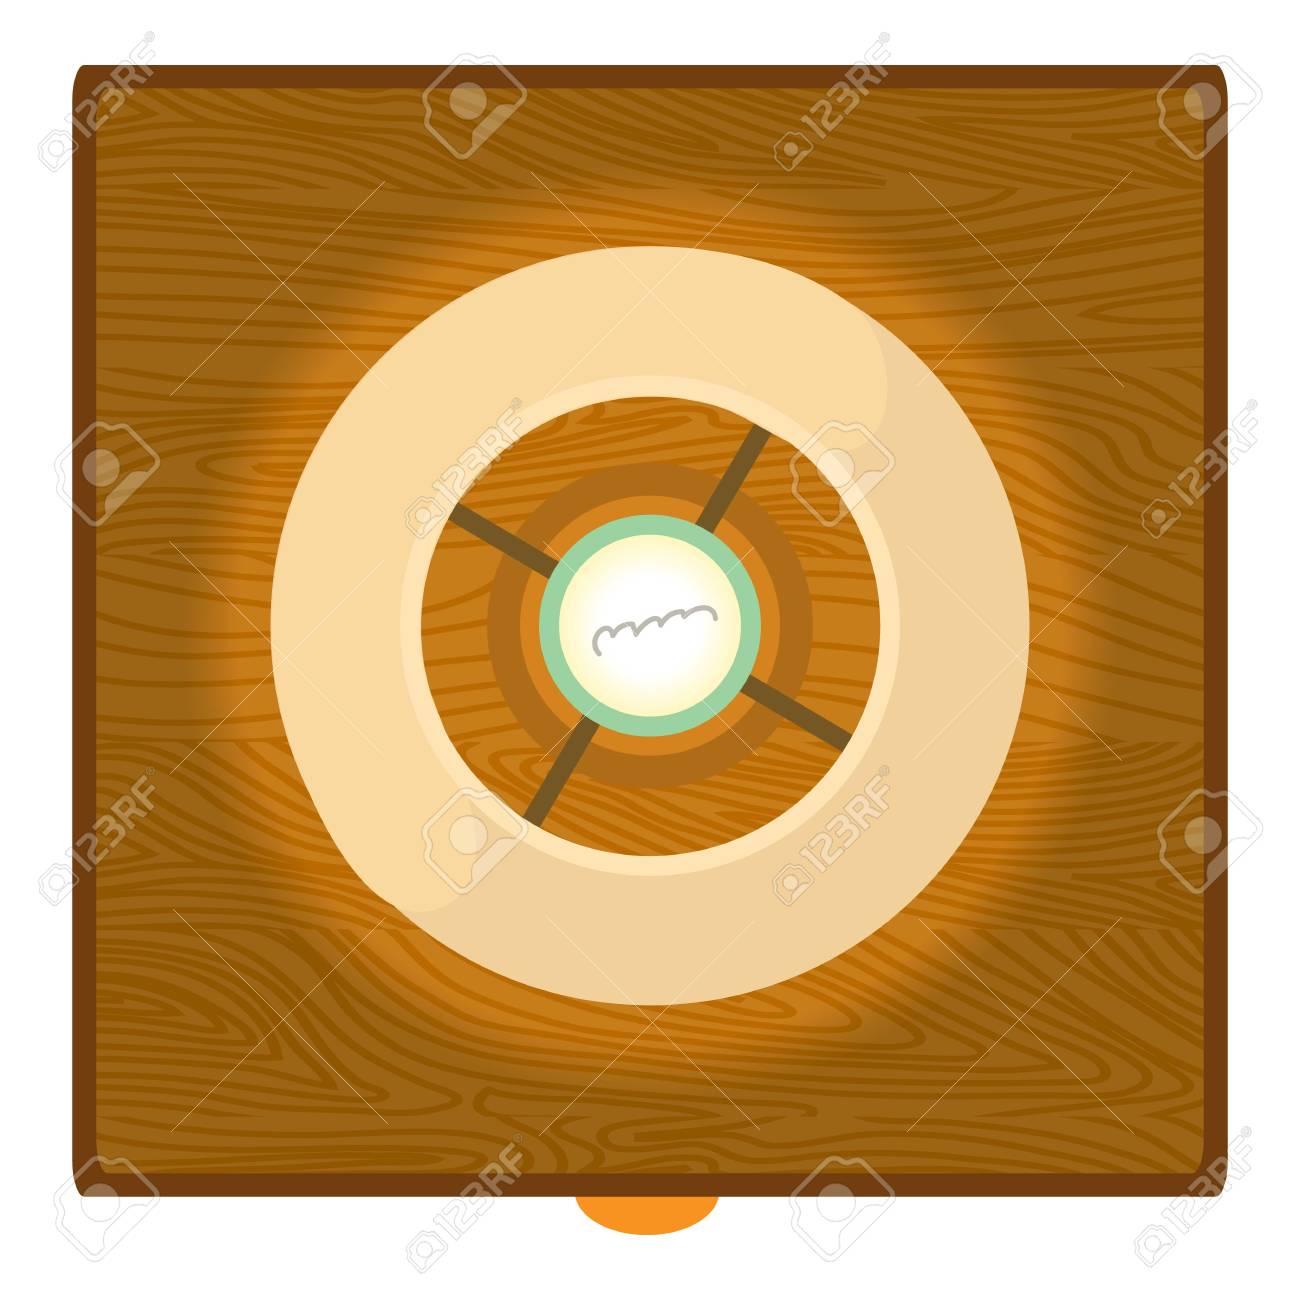 Colgando icono de la lámpara del techo. Ilustración de dibujos animados de icono de la lámpara de vector para el diseño web